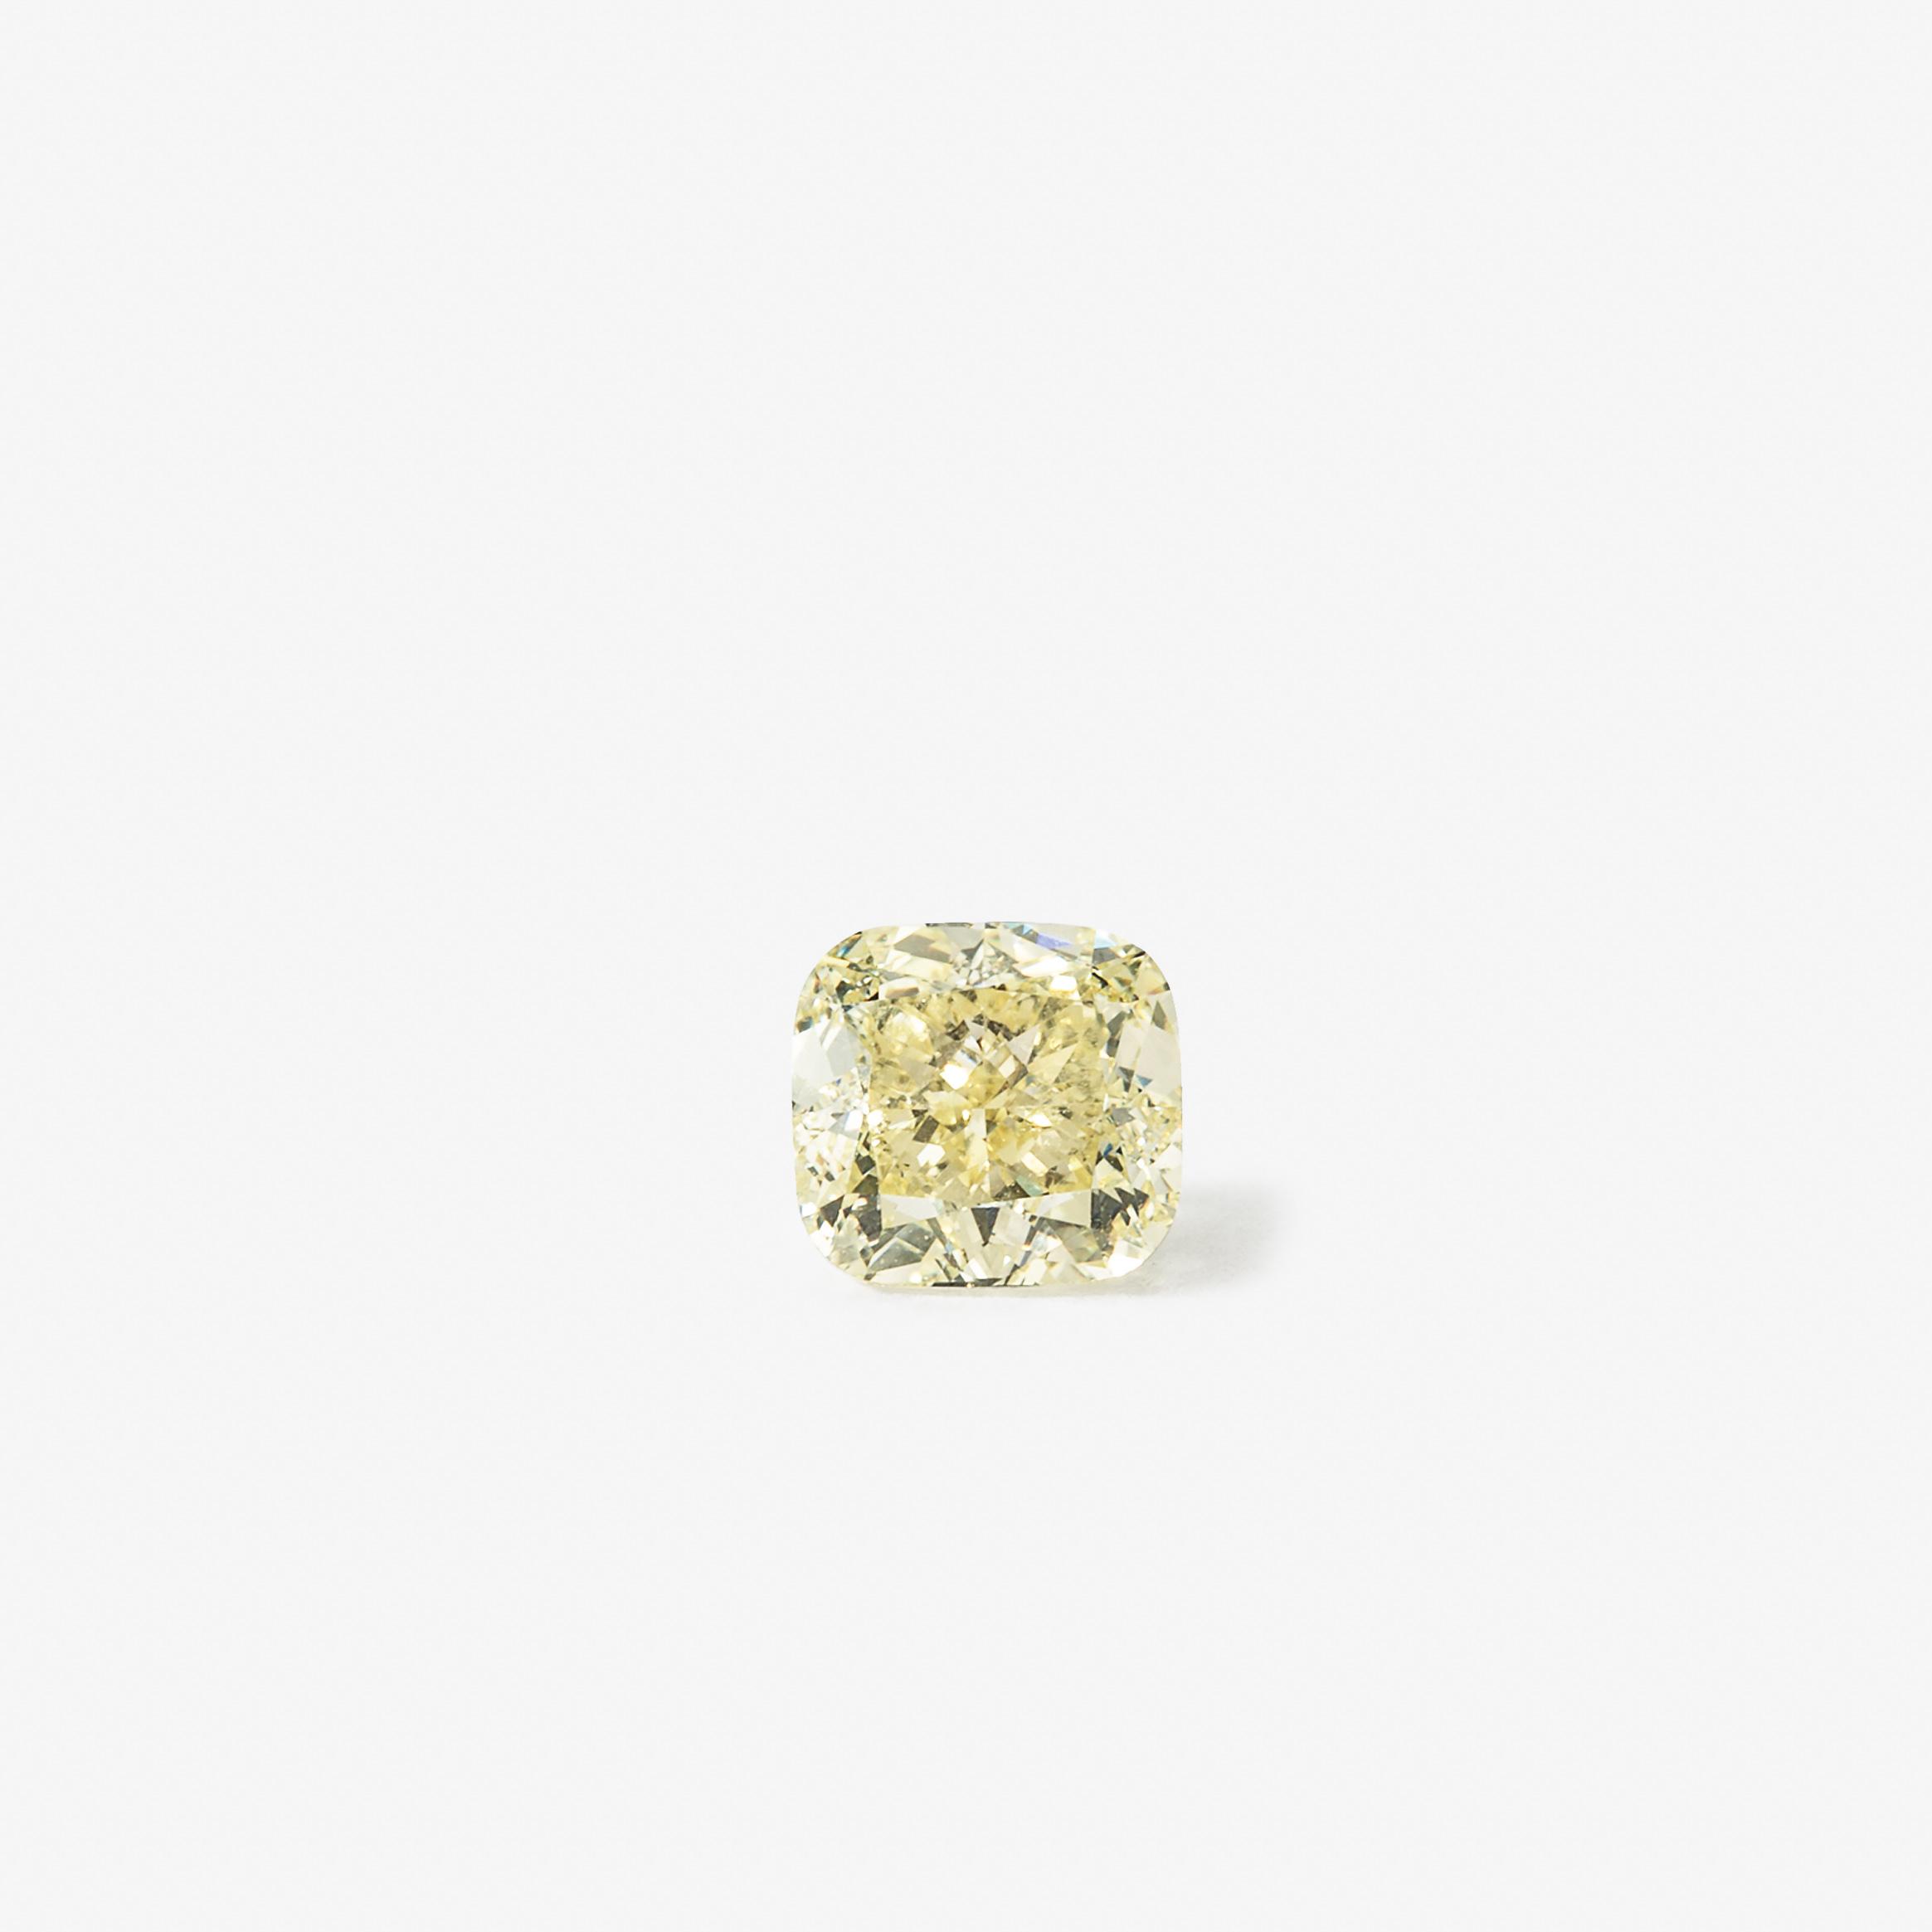 Diamant taille coussin pesant 1,36 carat Avec certificat GIA: Fancy Light Yellow, Naturel Even, IF, numéroté GIA 6202884809, 5 novembre 2015 Estimation: 9 000 à 12 000 EUR